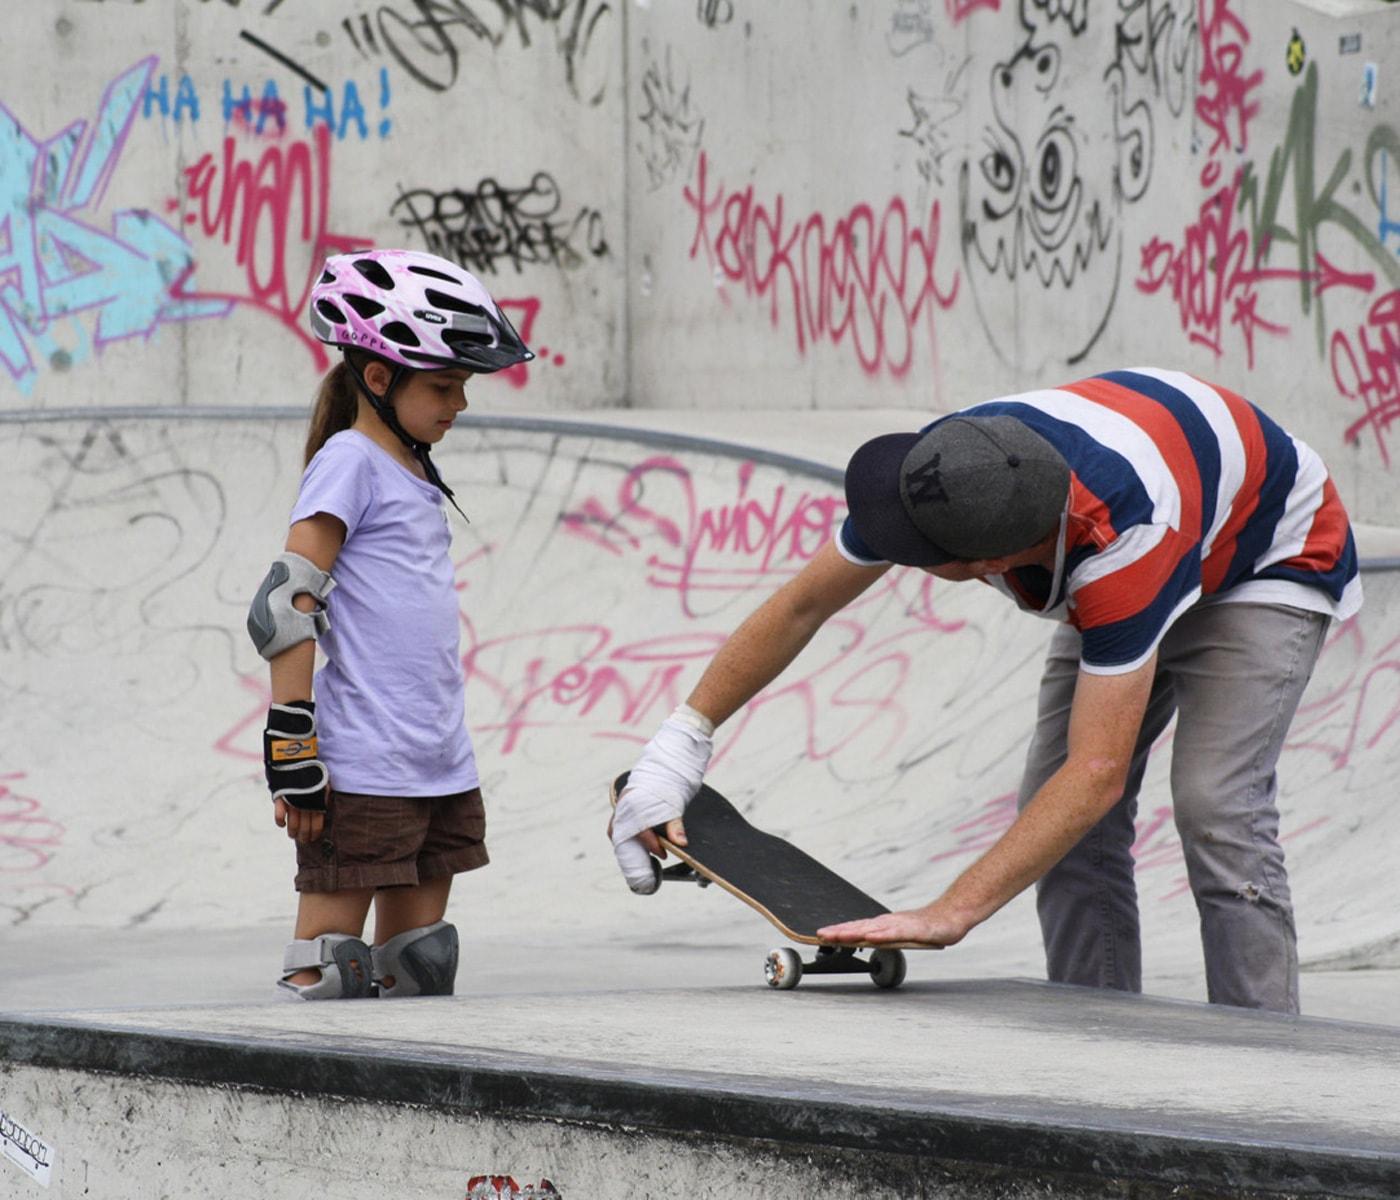 Ferienprogramm im Feierwerk Dschungelpalast: Skate-Kurse für Kinder // HIMBEER